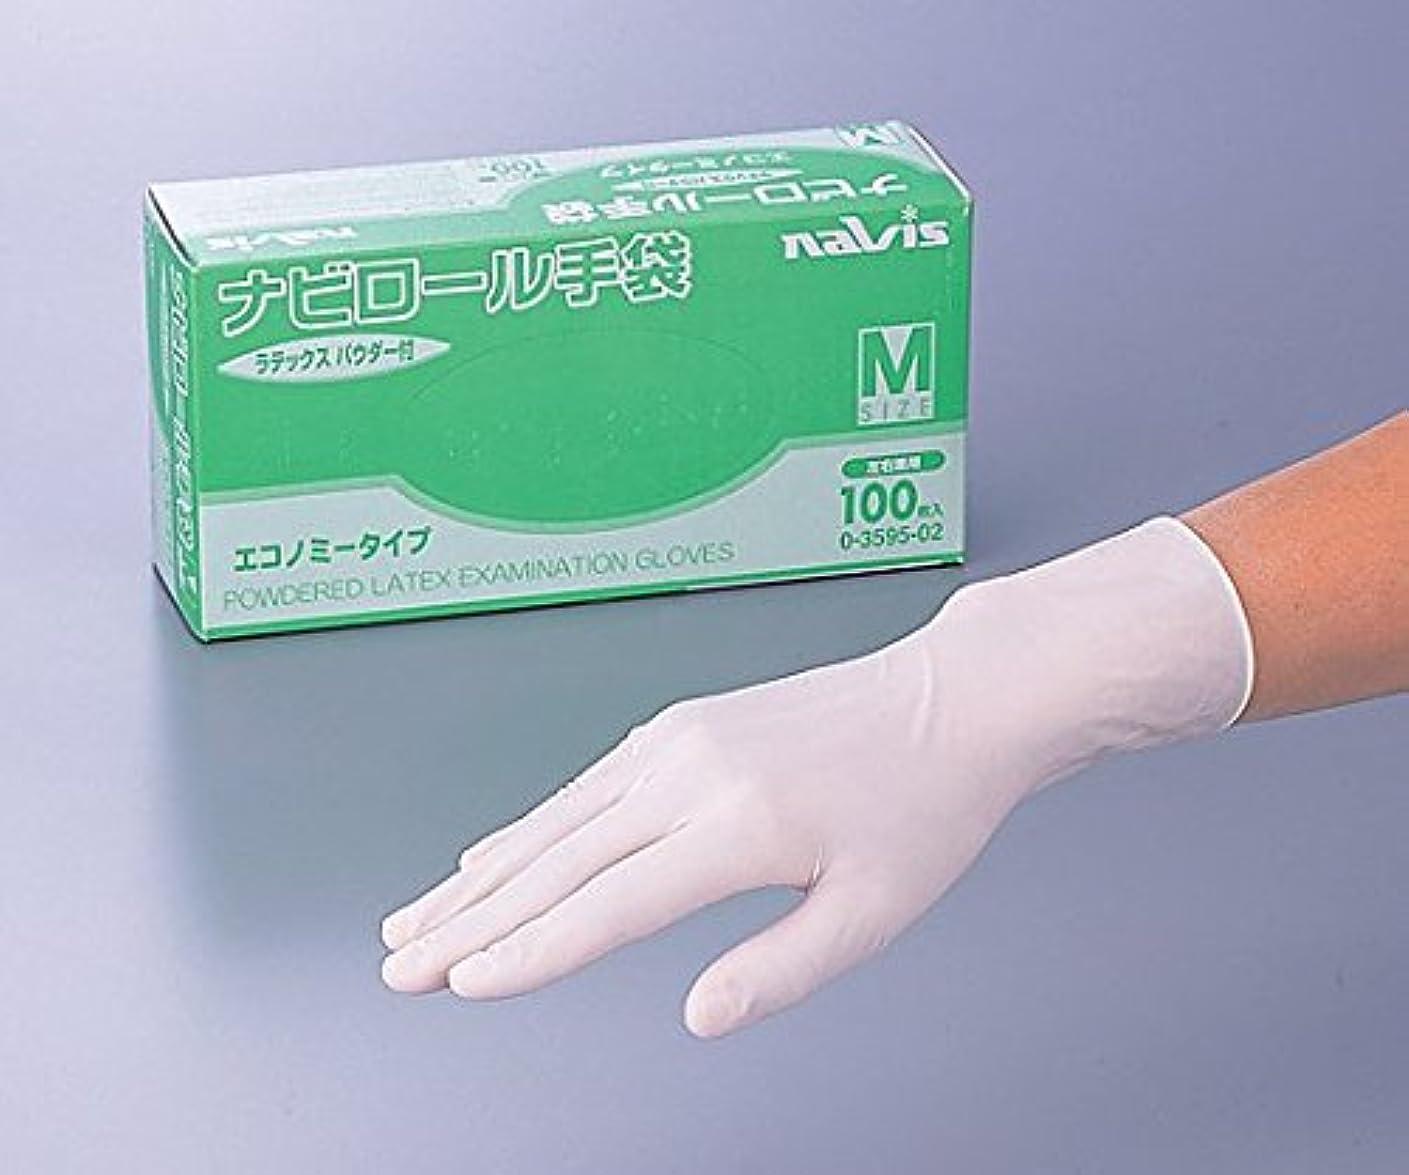 ご注意臭い寺院アズワン0-3595-02ナビロール手袋(エコノミータイプ?パウダー付)M100枚入